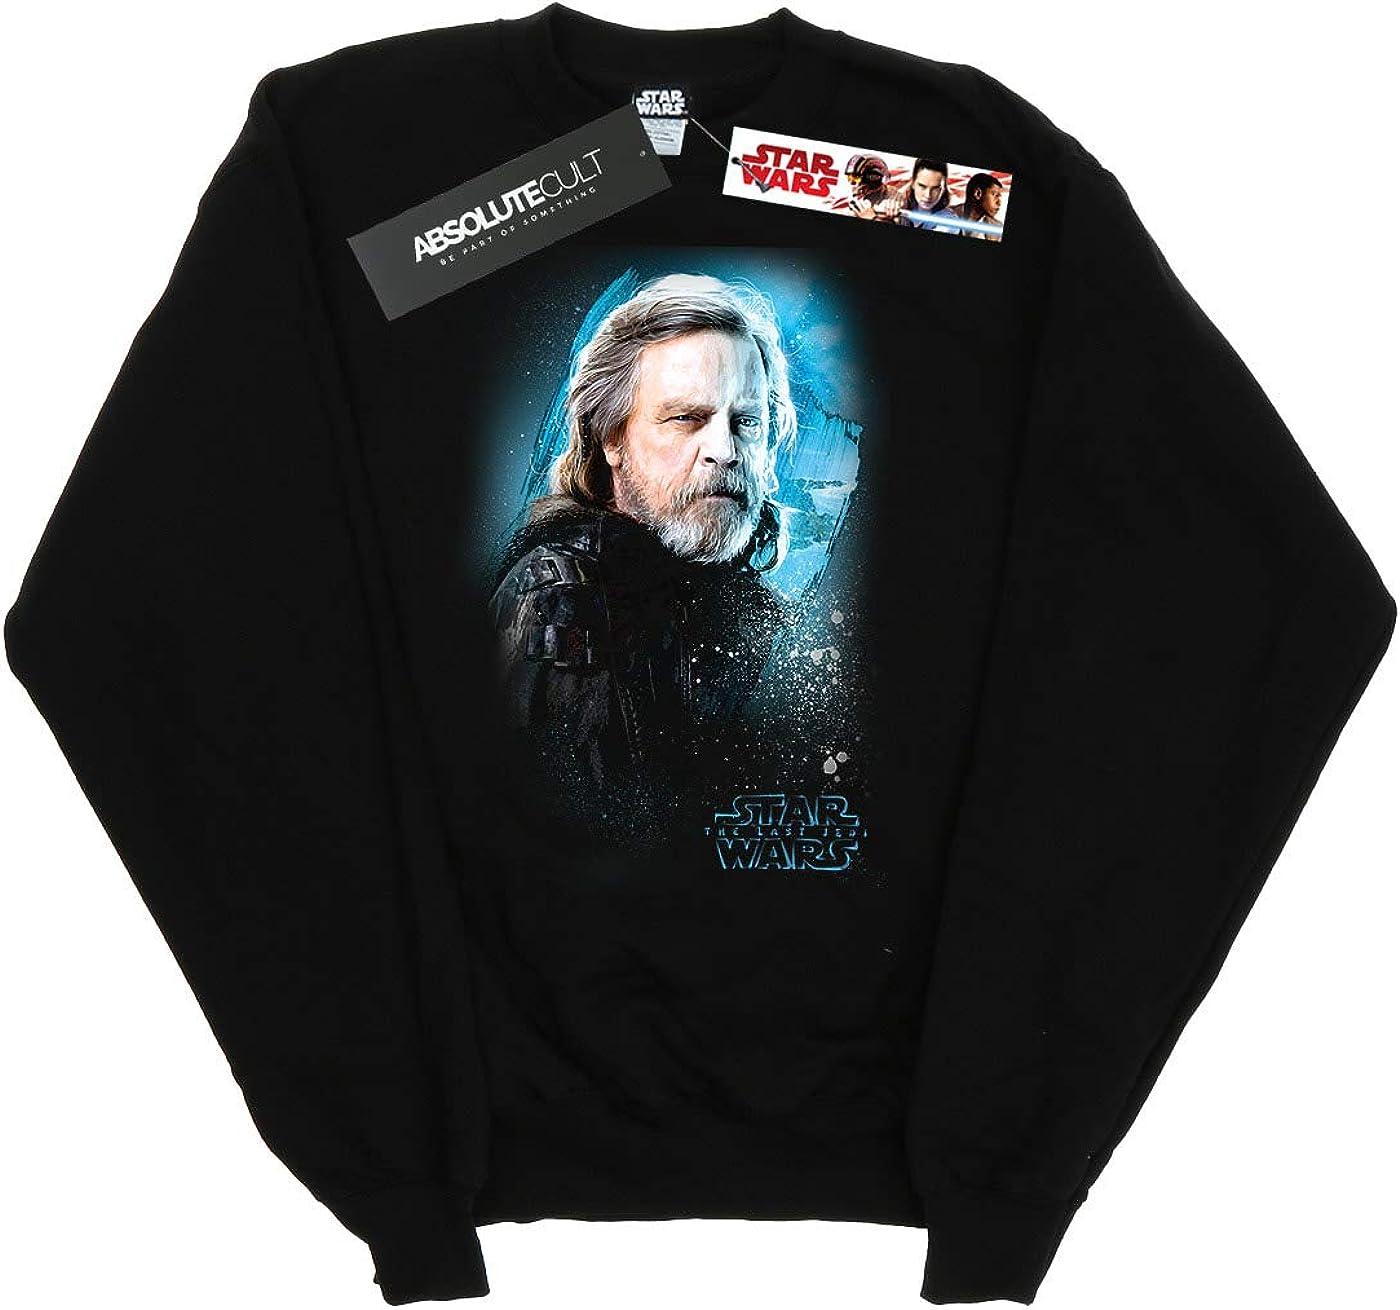 Star Wars Girls The Last Jedi Luke Skywalker Brushed Sweatshirt 5-6 Years Black